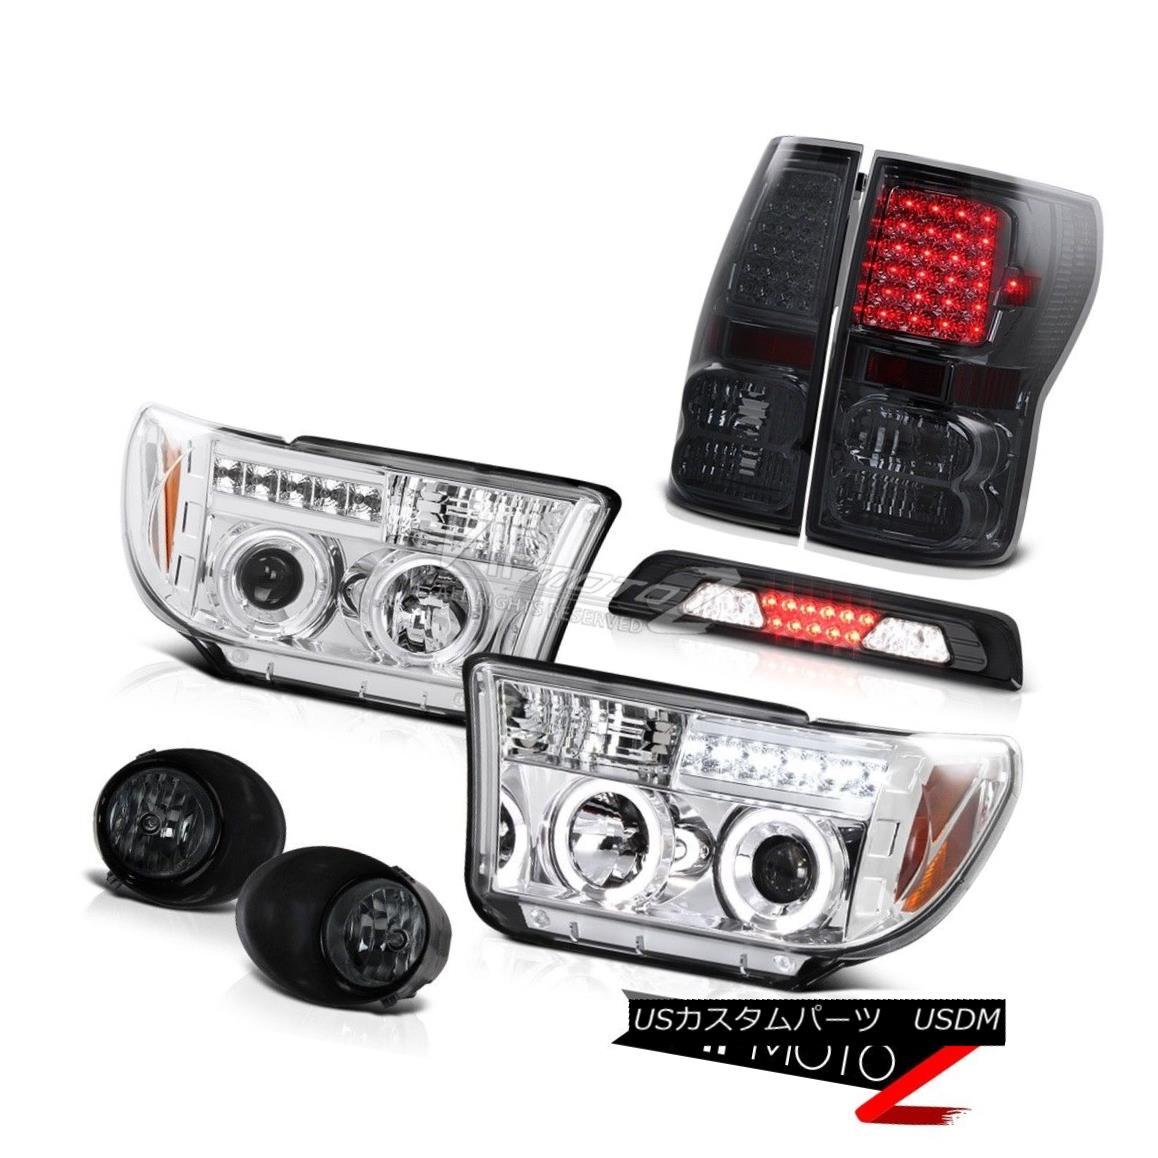 ヘッドライト 2007-2013 Toyota Tundra SR5 Foglights High Stop Lamp Taillamps Chrome Headlights 2007-2013トヨタトンドラSR5フォグライトハイストップランプタイルランプクロームヘッドライト